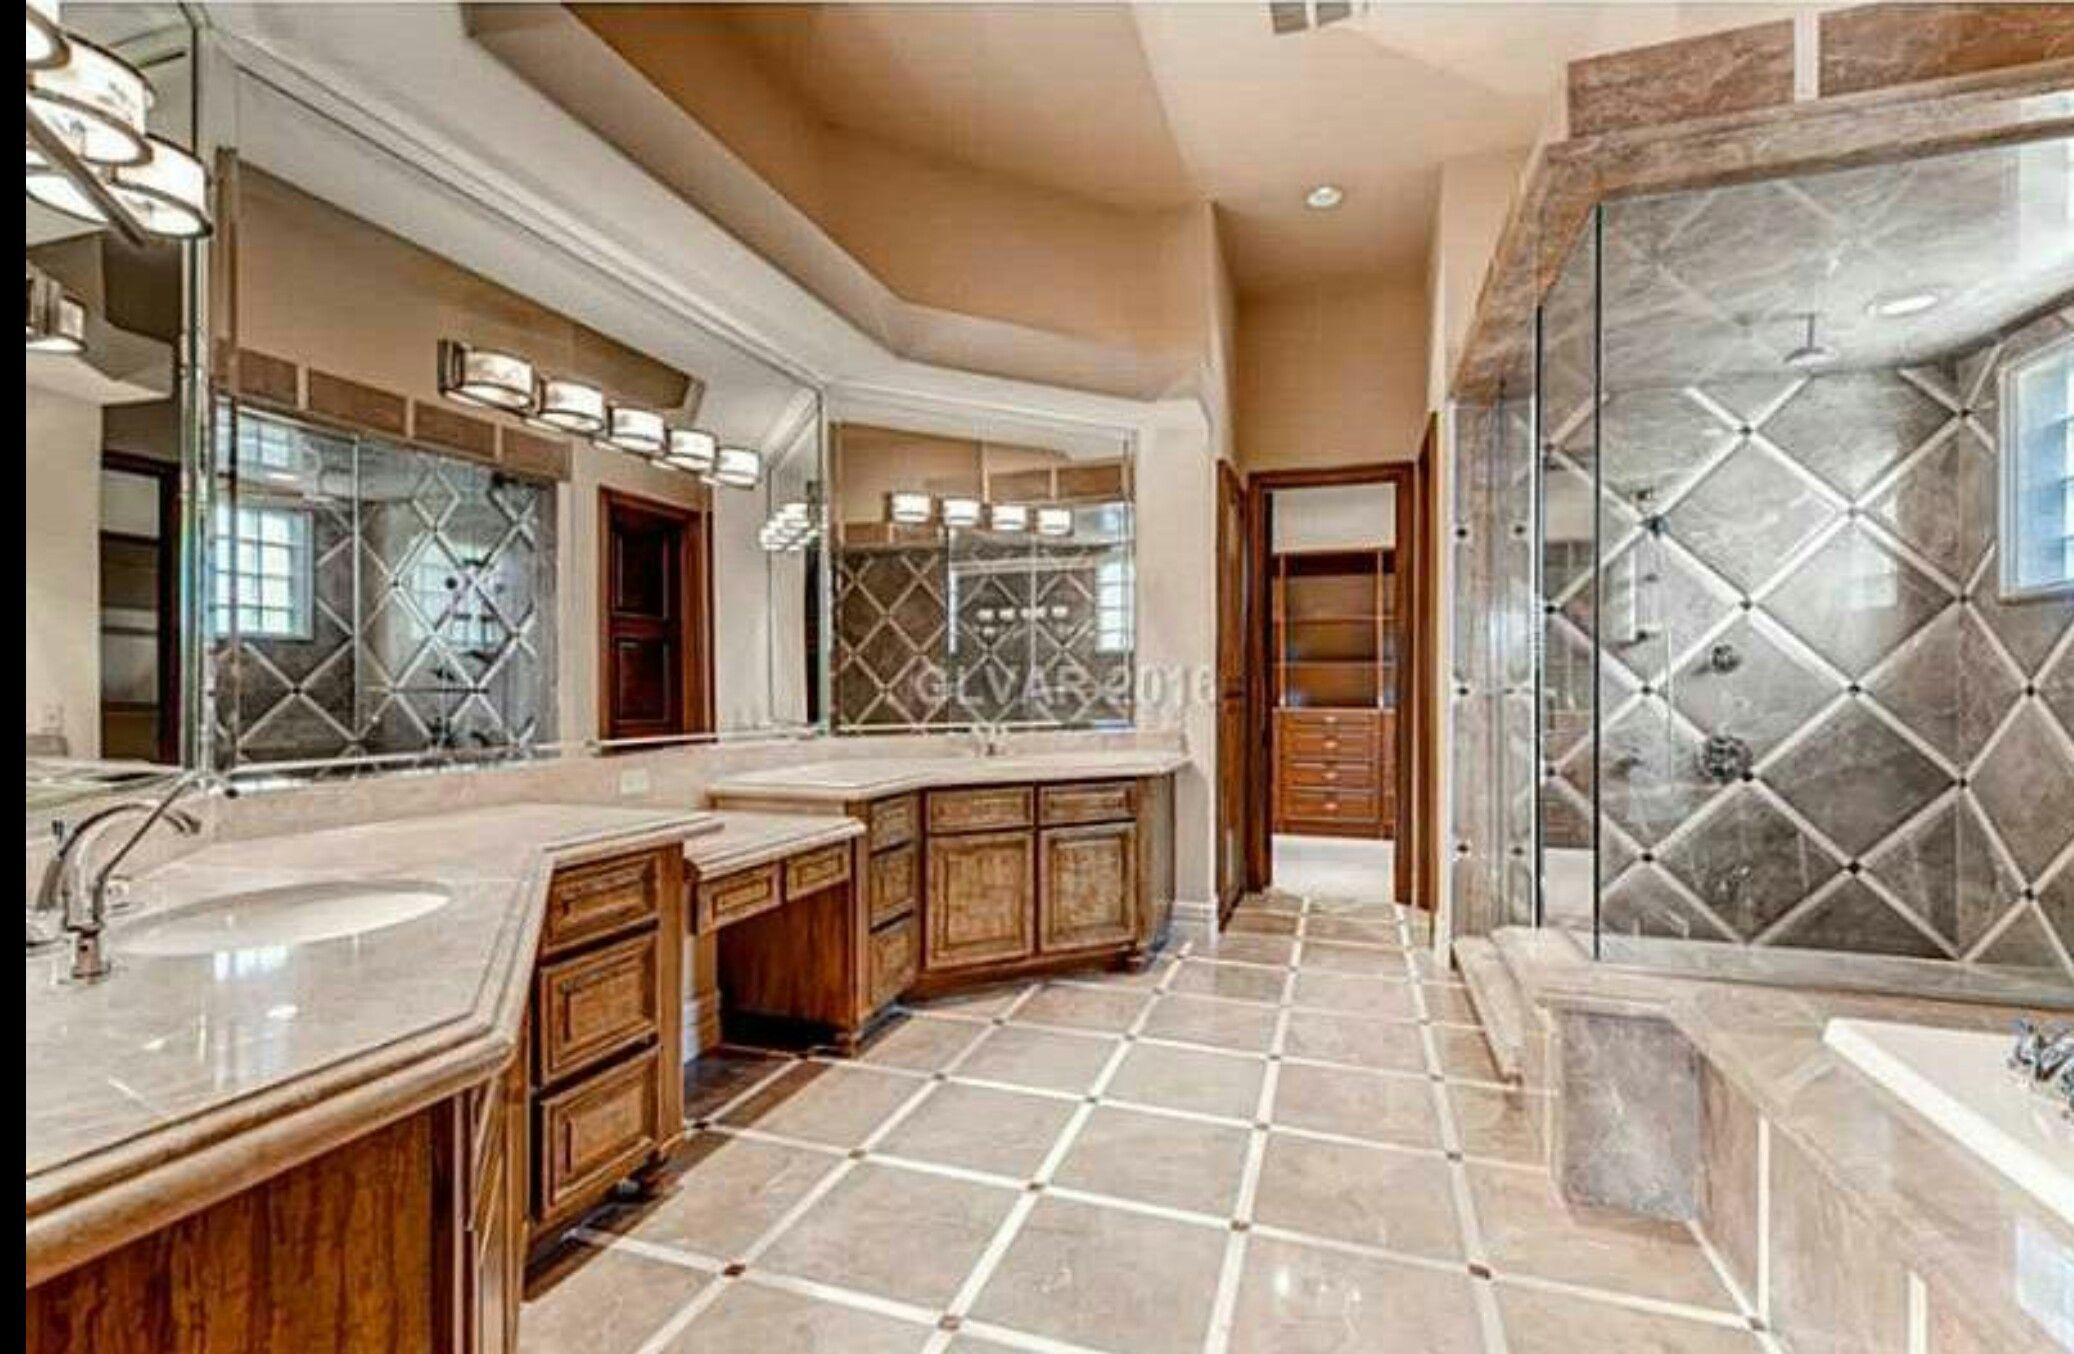 Magnífico Cocina Y Baño De Remodelación De Las Vegas Ornamento ...